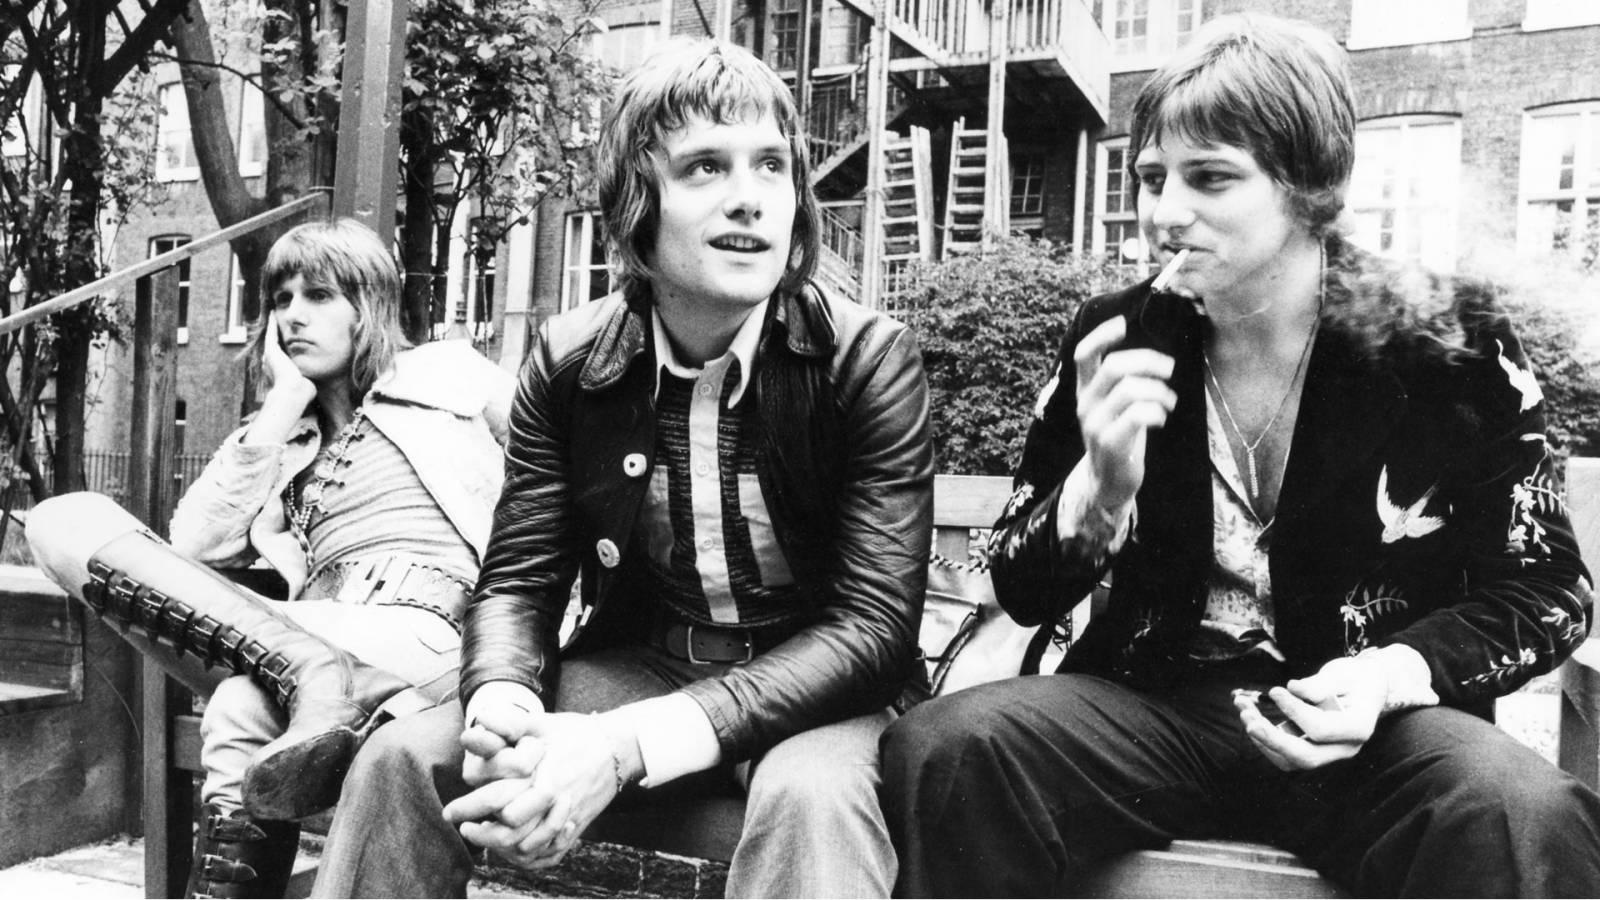 SMRT SI ŘÍKÁ ROCK'N'ROLL: Greg Lake - jeden ze tří mušketýrů progresivního rocku sedmdesátých let